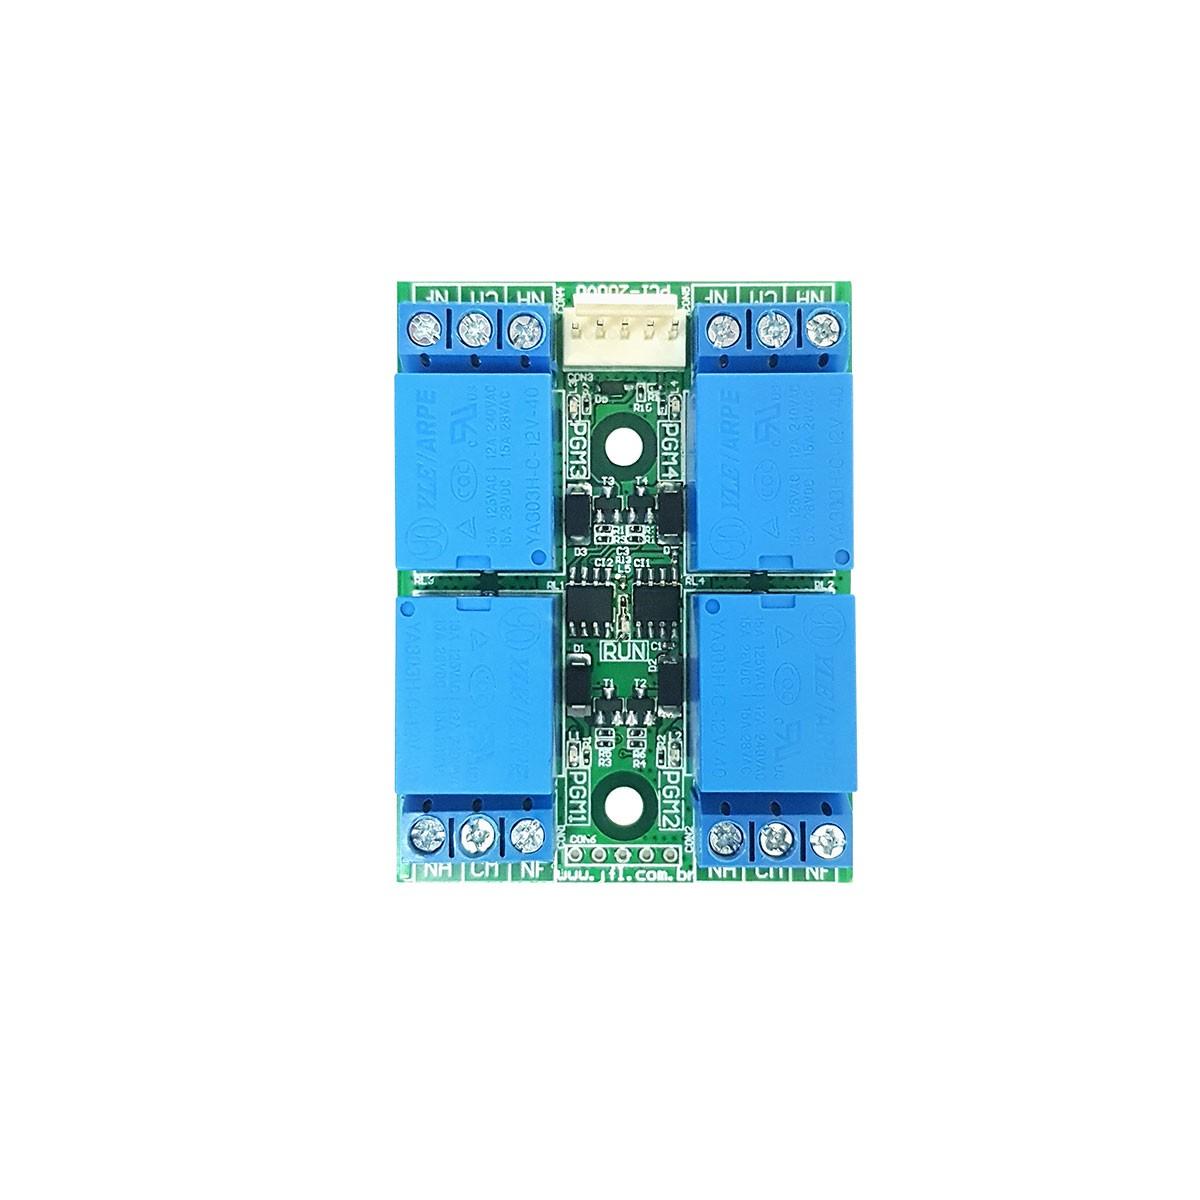 Kit Active 32 Duo Jfl Sem Fio Sensor Ird 650 Duo E Sl 220